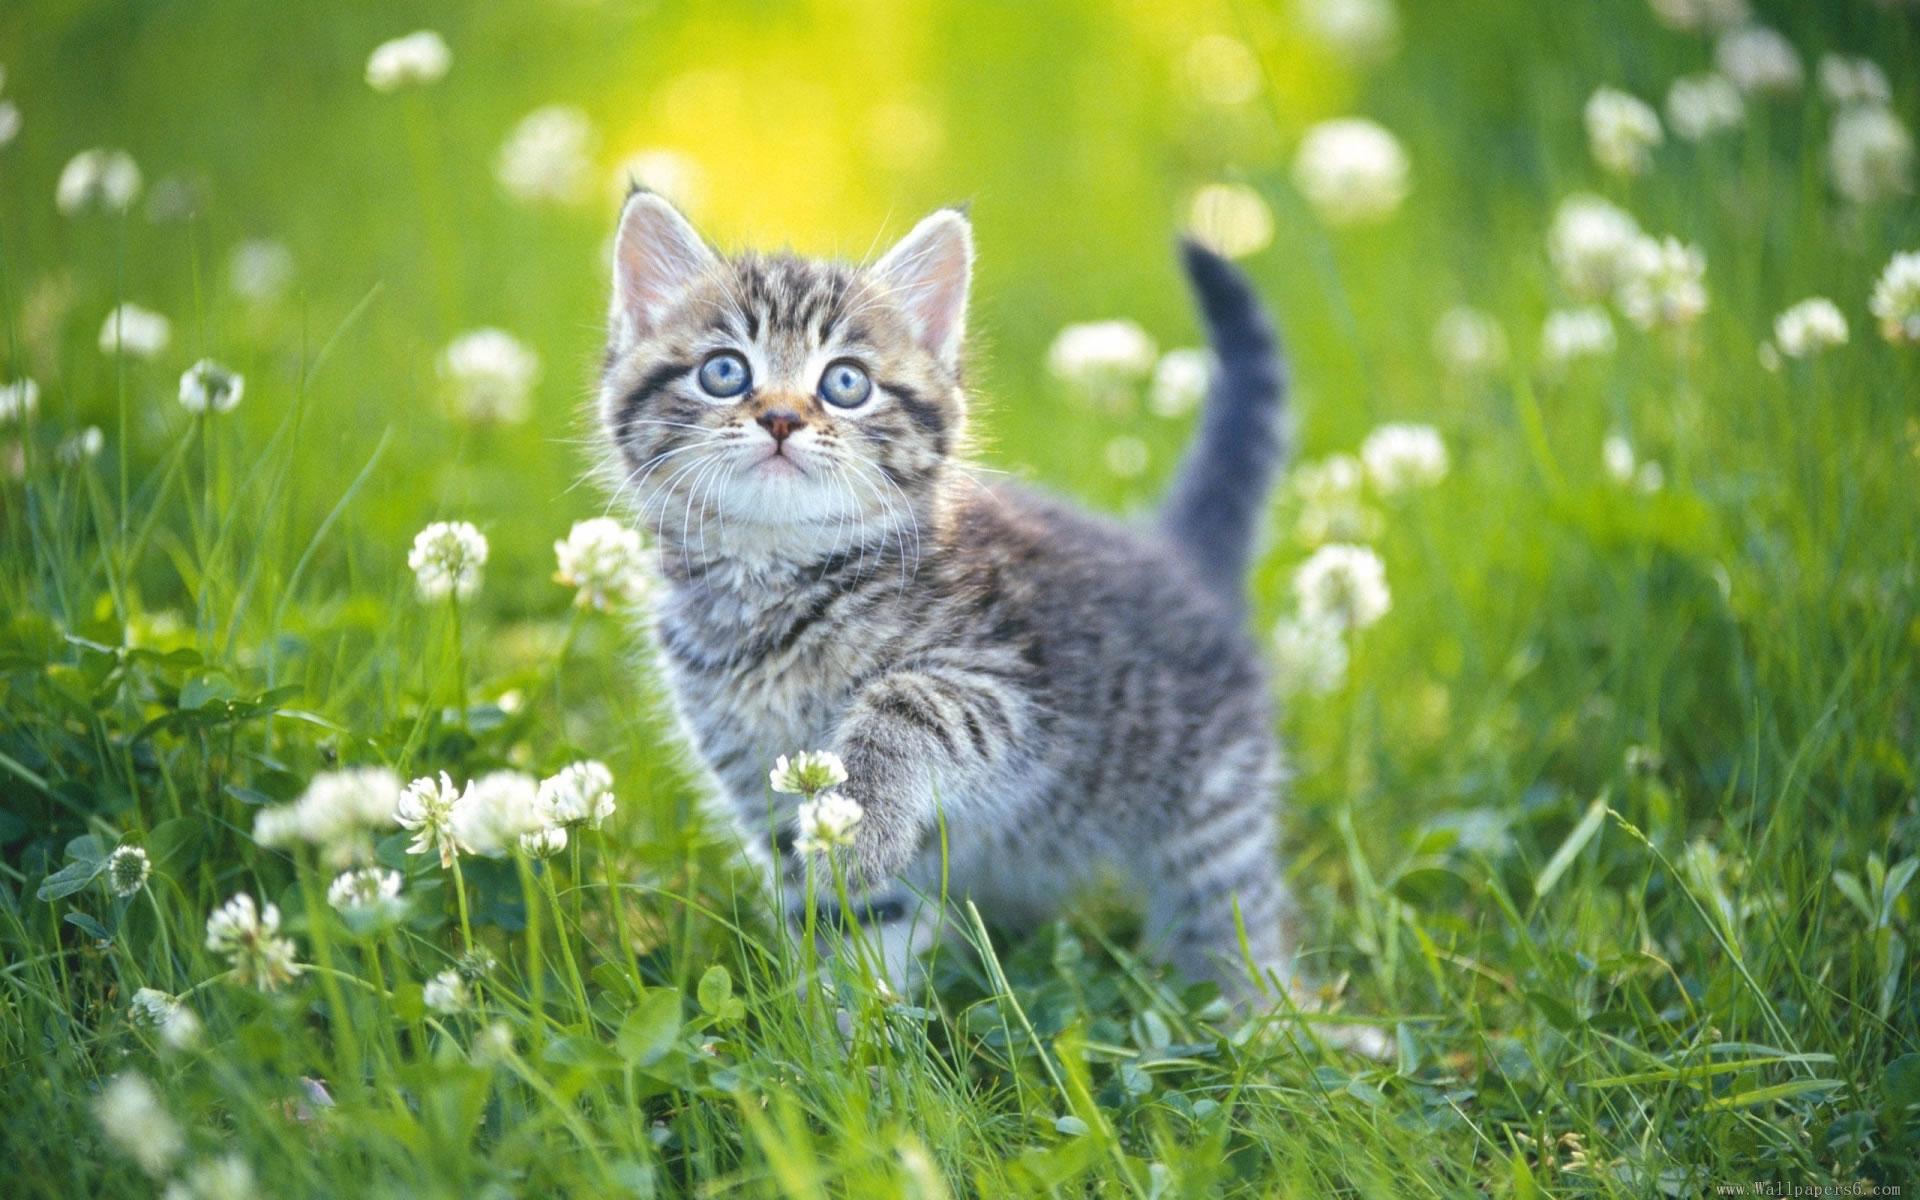 download wallpaper: kitten in het gras wallpaper